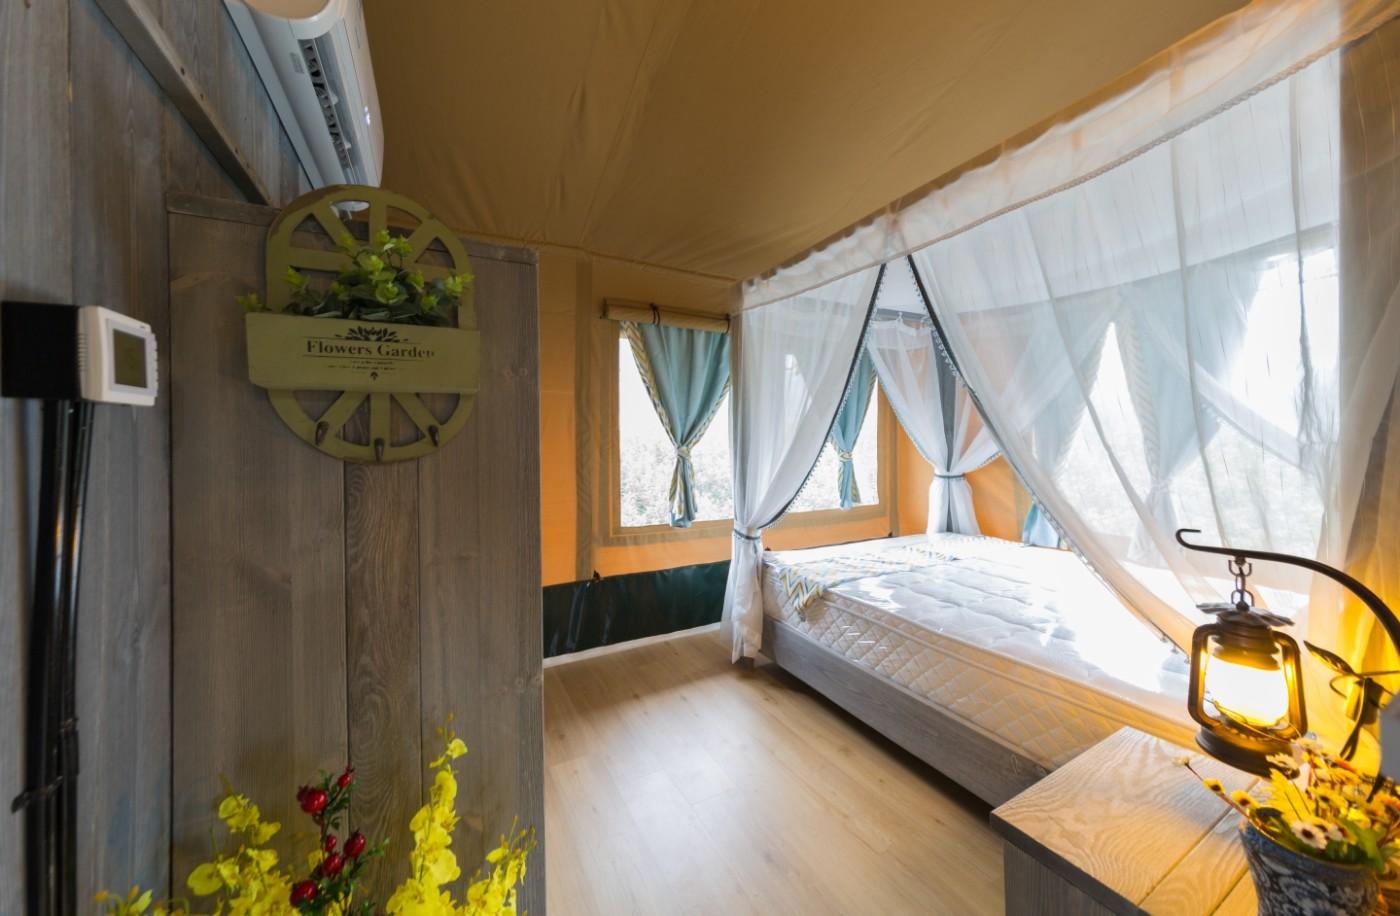 喜马拉雅野奢帐篷酒店—江苏常州茅山宝盛园2期茶田帐篷酒店31